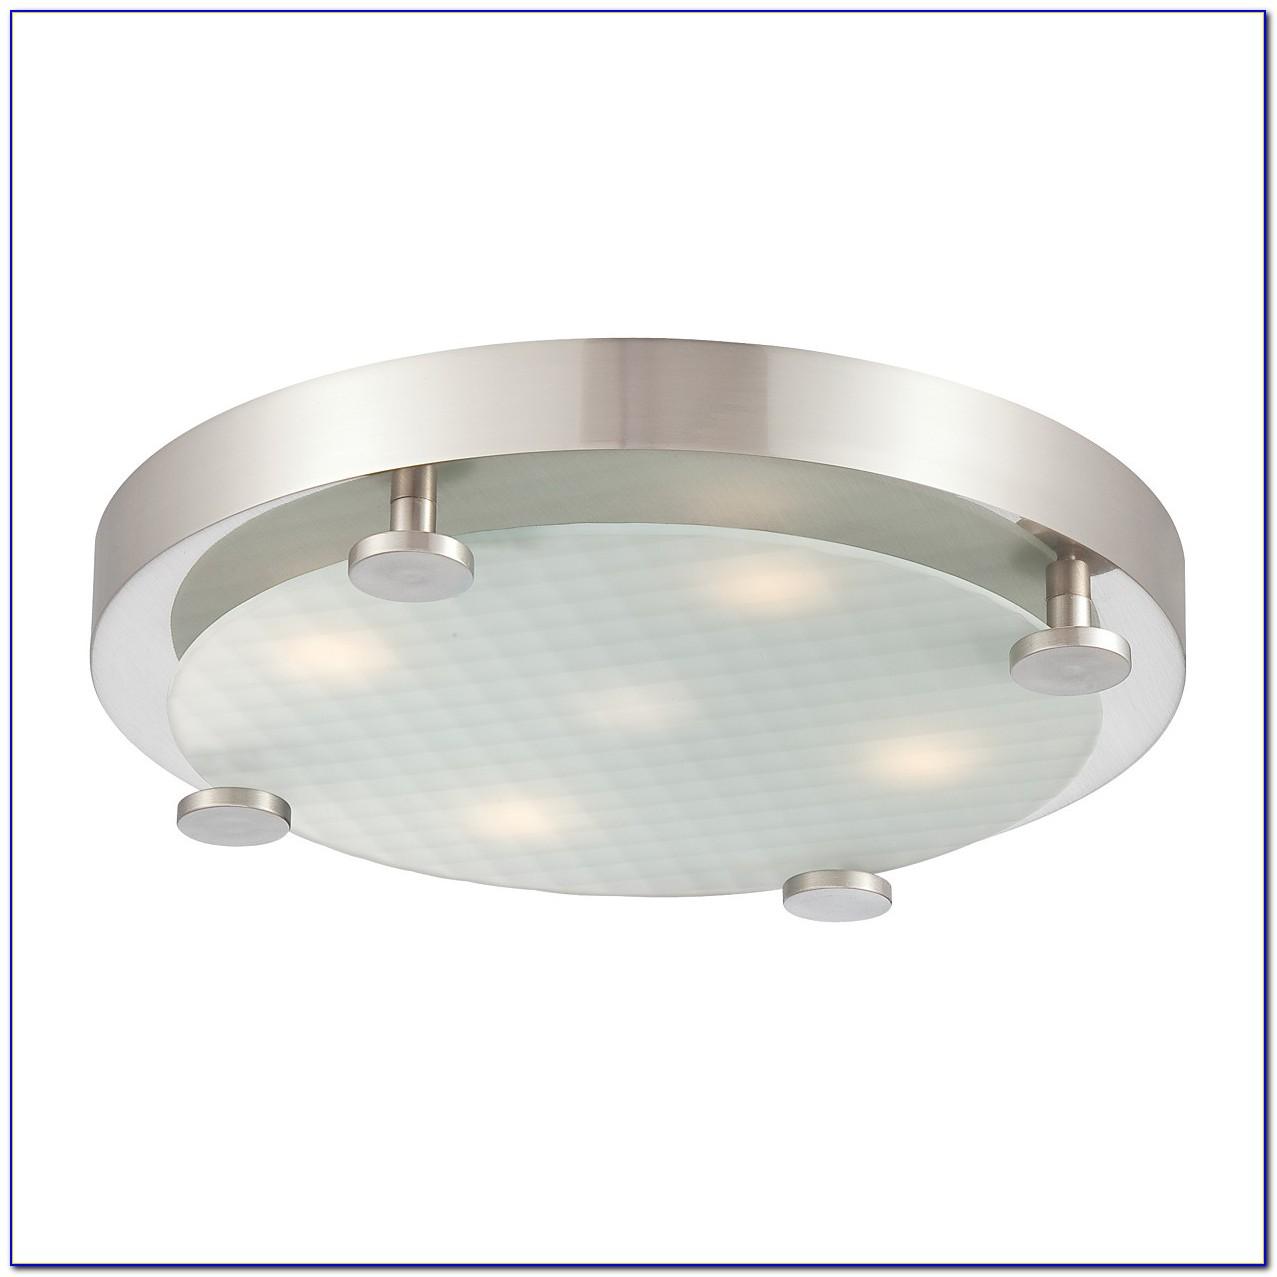 Philips Ledino Led Ceiling Spot Light White